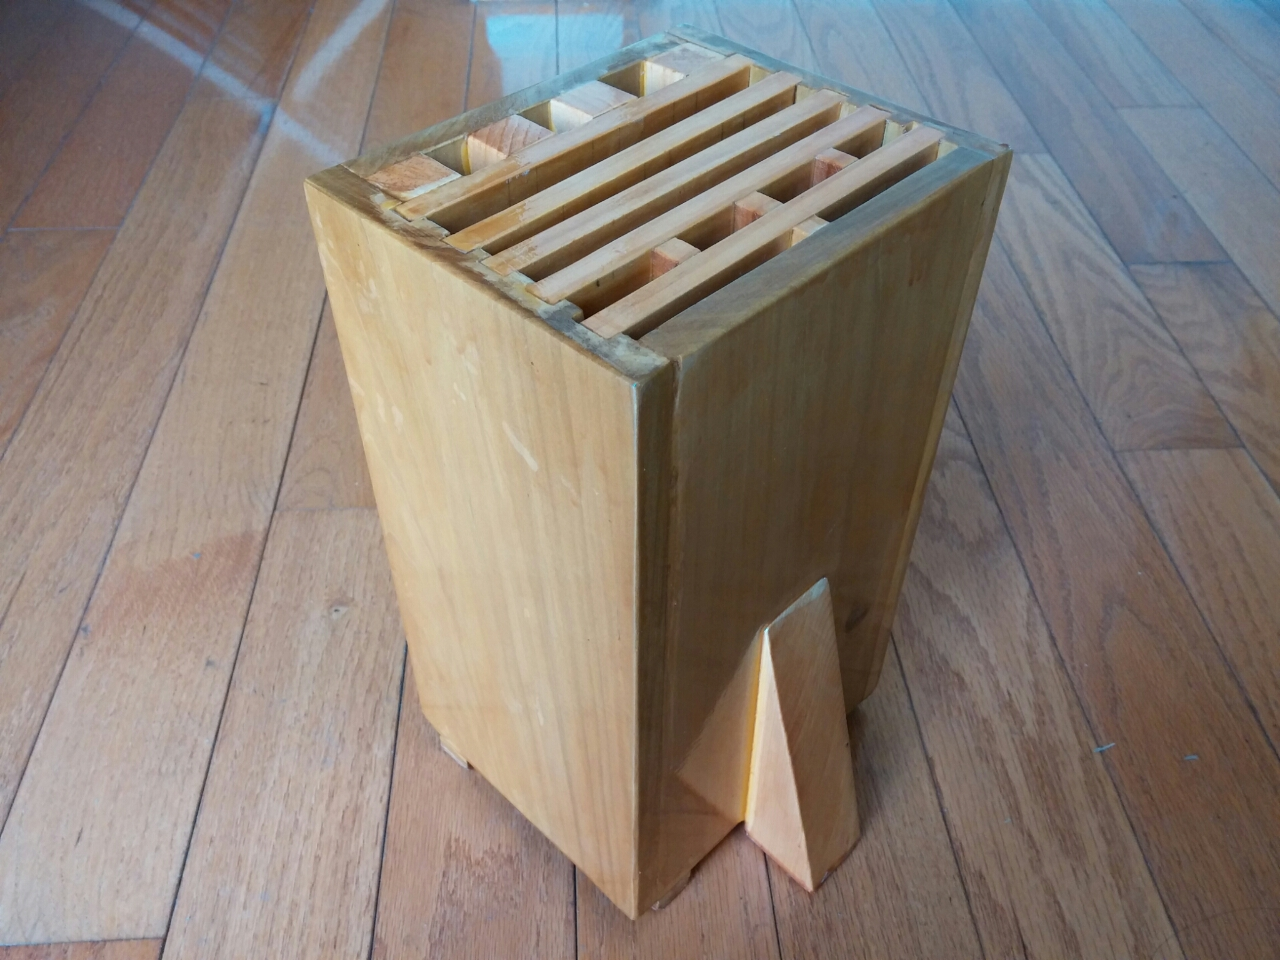 最近进了几把新刀,使得目前共有3把方头菜刀:一把切生菜,一把切熟食,一把切骨头。这样以前的菜刀架无论如何也装不下了,市面上又买不到合适的,于是决定自己量身定做一个。 主要材料: 1. homedepot 买的1/2 x 6 x 48 oak wood board做四周四块面板 2. 中间的隔板用的是以前装修剩下的木条和儿子跆拳道踢烂的1寸木板 最后效果如图。为了更好的通风散气,和简化结构,使用了立式结构。为了容下最长的一把西瓜刀,总高度定为11寸。为增加稳定性,加了个三角木增加支撑面积。